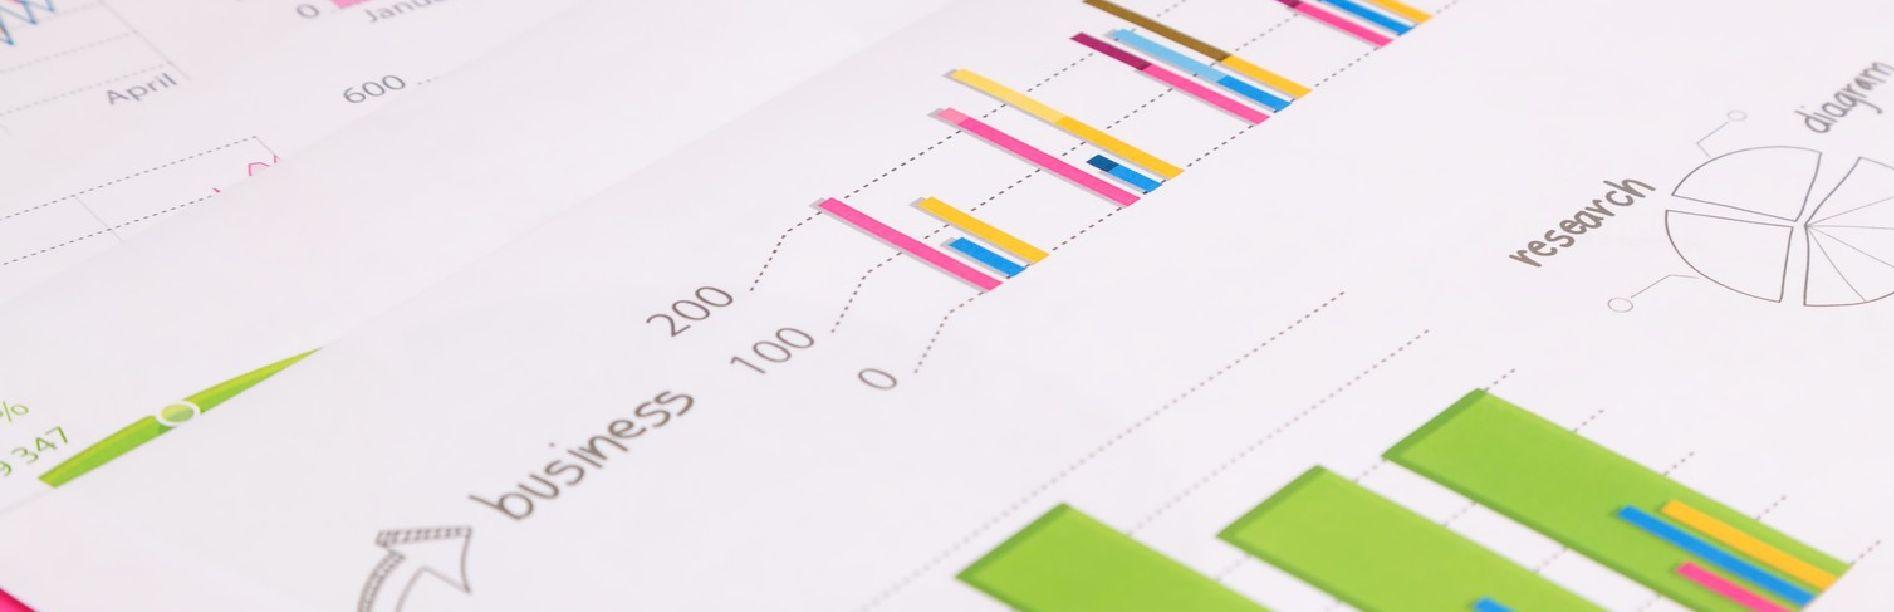 Webマーケティング(SEO対策・アクセス解析等)